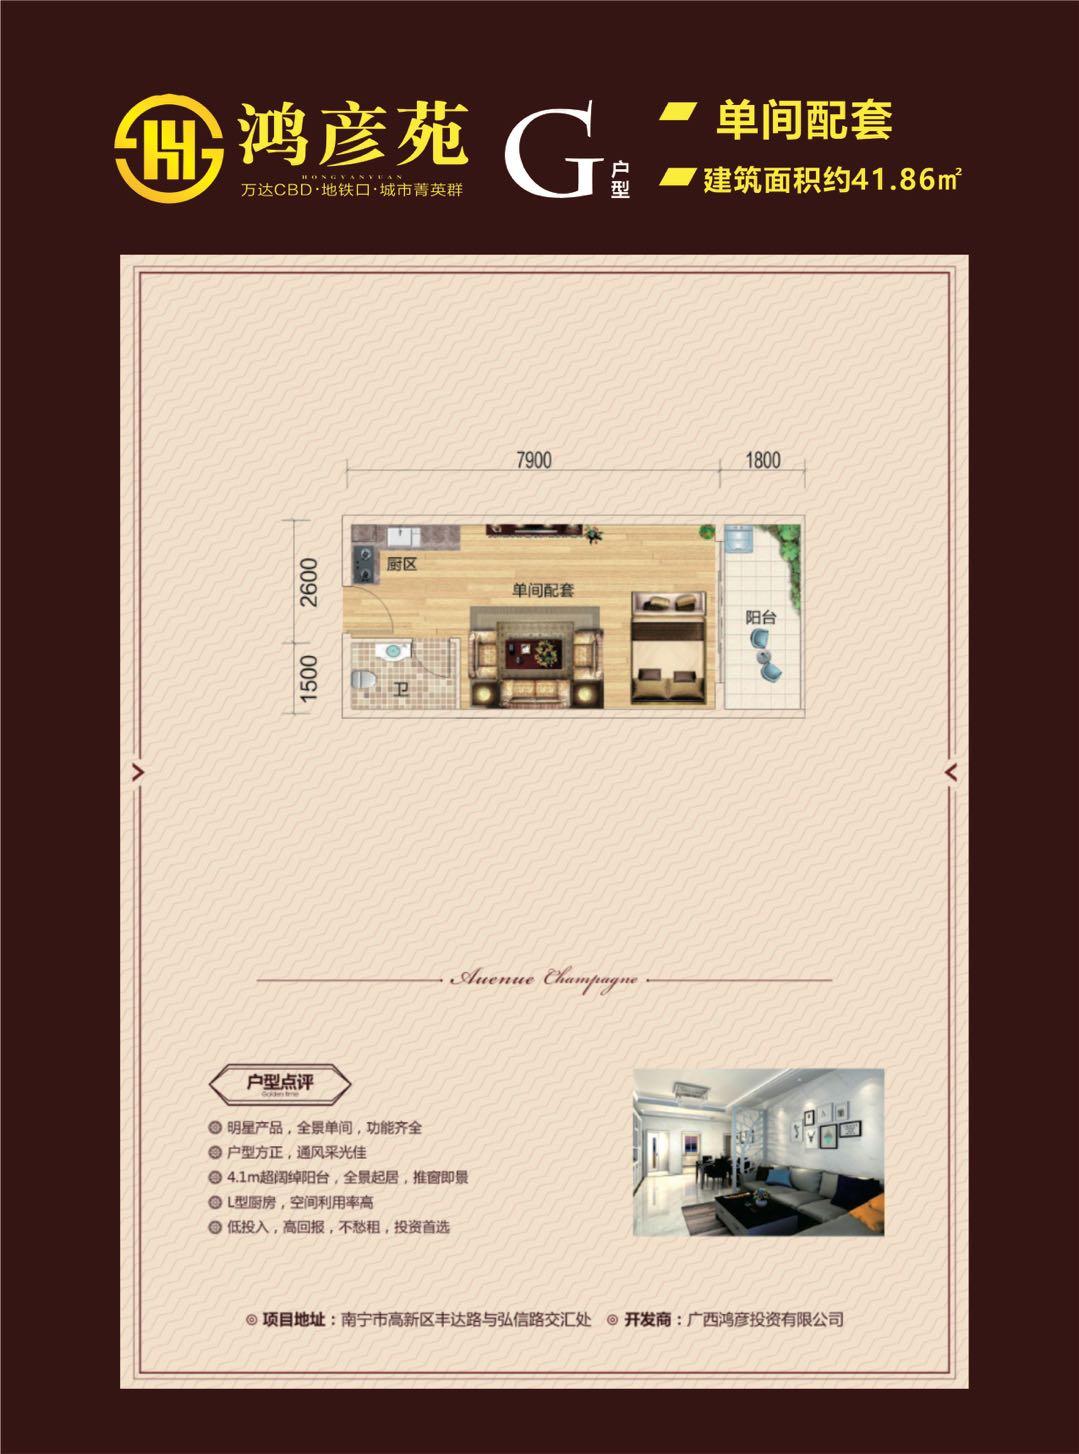 揭秘,南宁高新区《鸿彦苑》现房为什么那么便宜?是骗局吗?